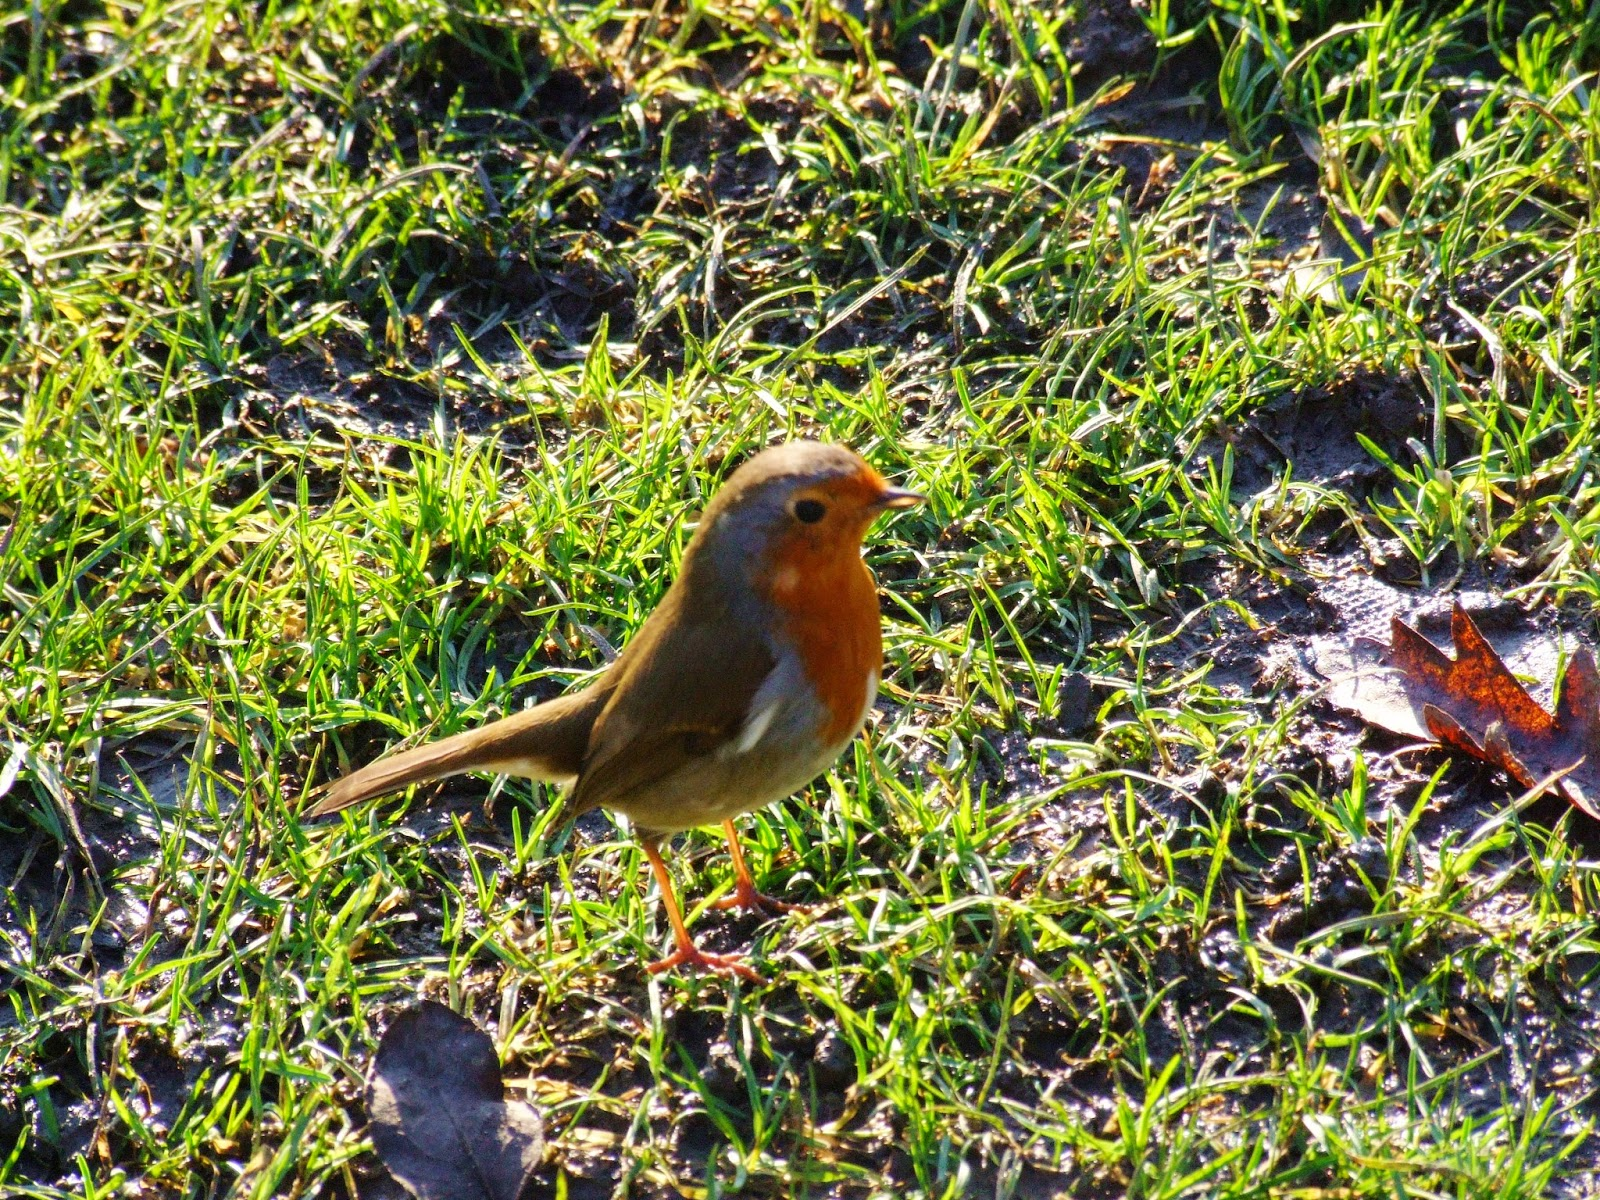 Królewski ptak w królewskim parku.